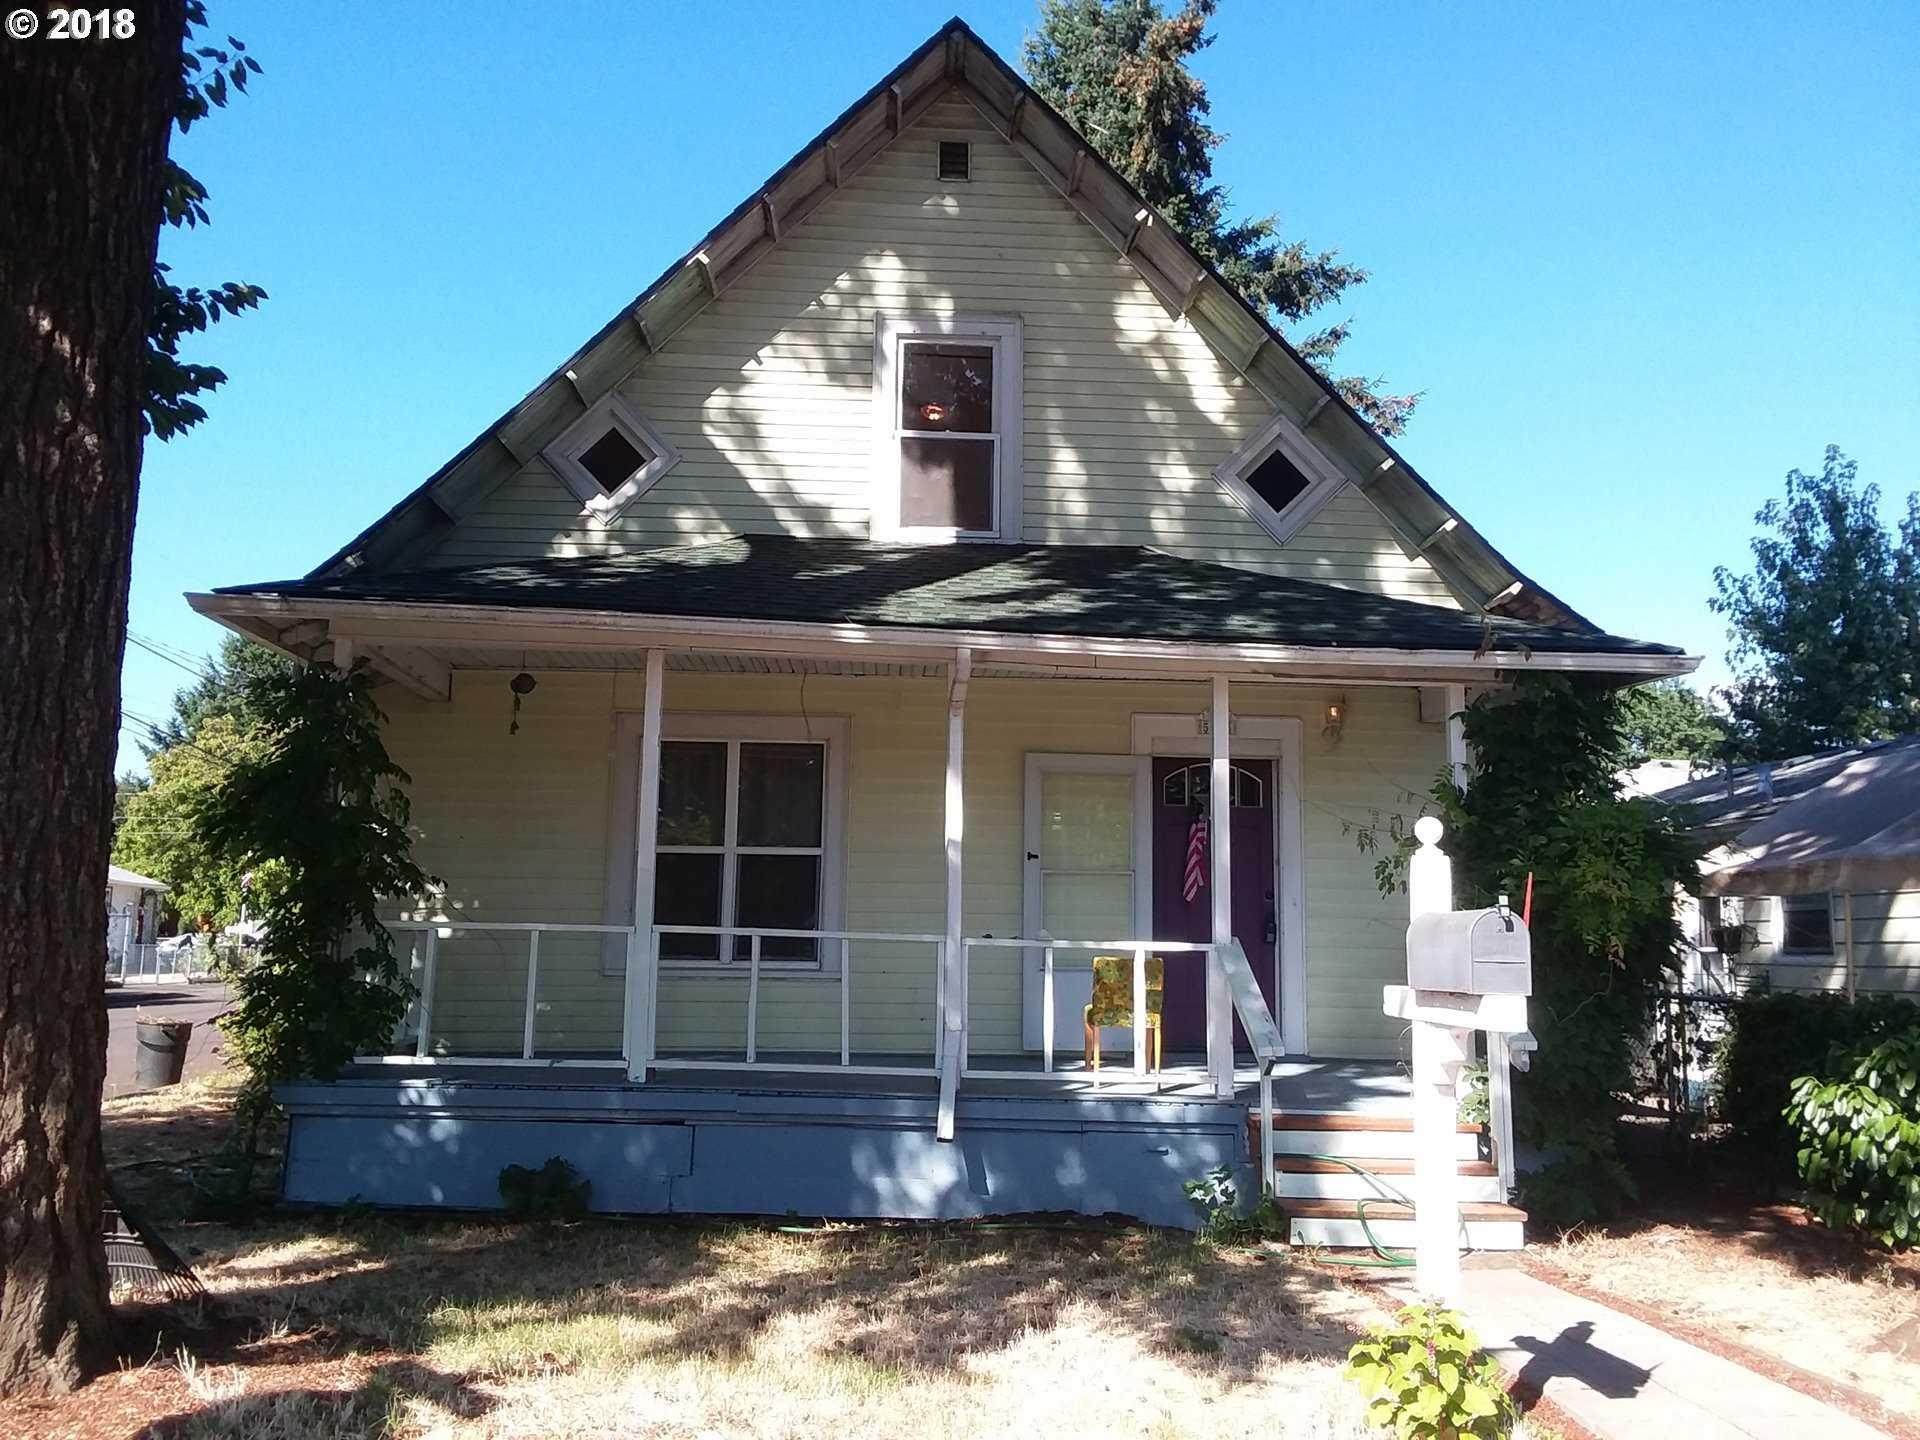 $339,000 - 3Br/1Ba -  for Sale in Mt Scott - Arleta, Portland